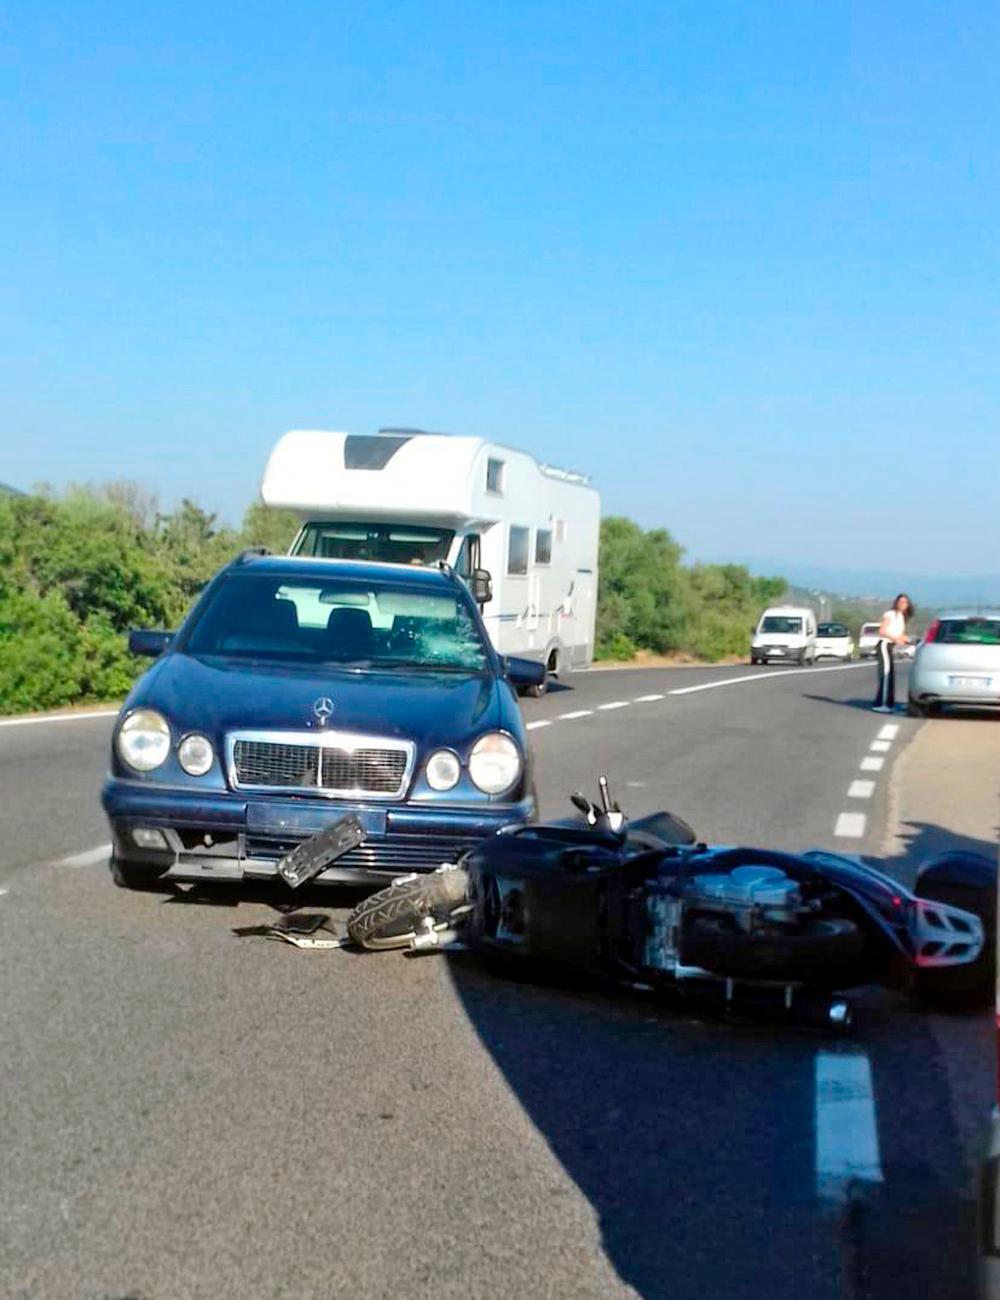 Η μηχανή του Τζορτζ Κλούνεϊ μετά το ατύχημα